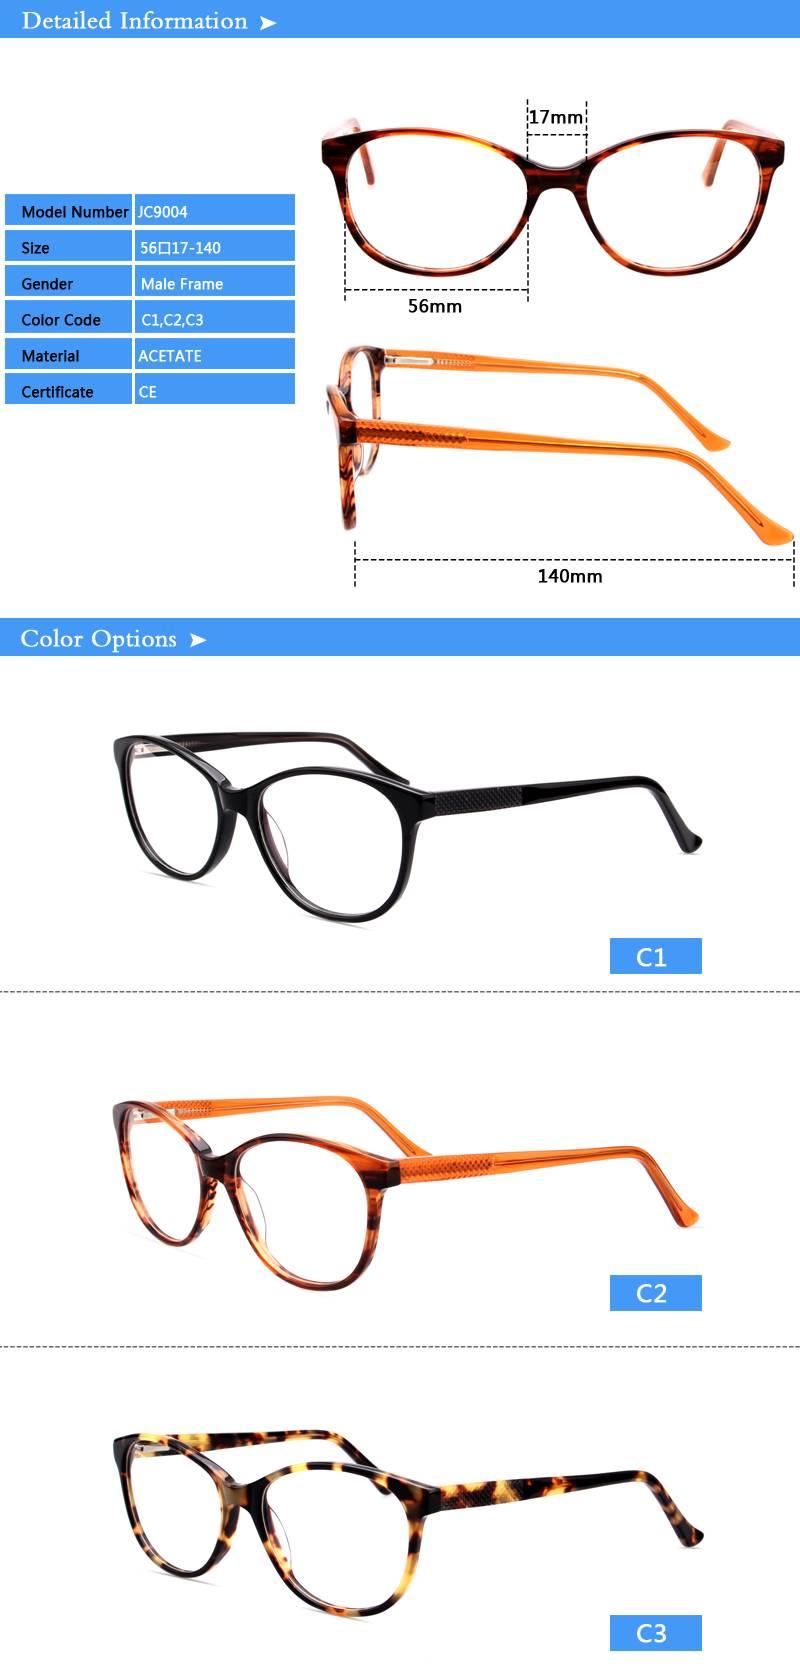 Fashion design acetate eyewear optical frame JC9004 ready in stock